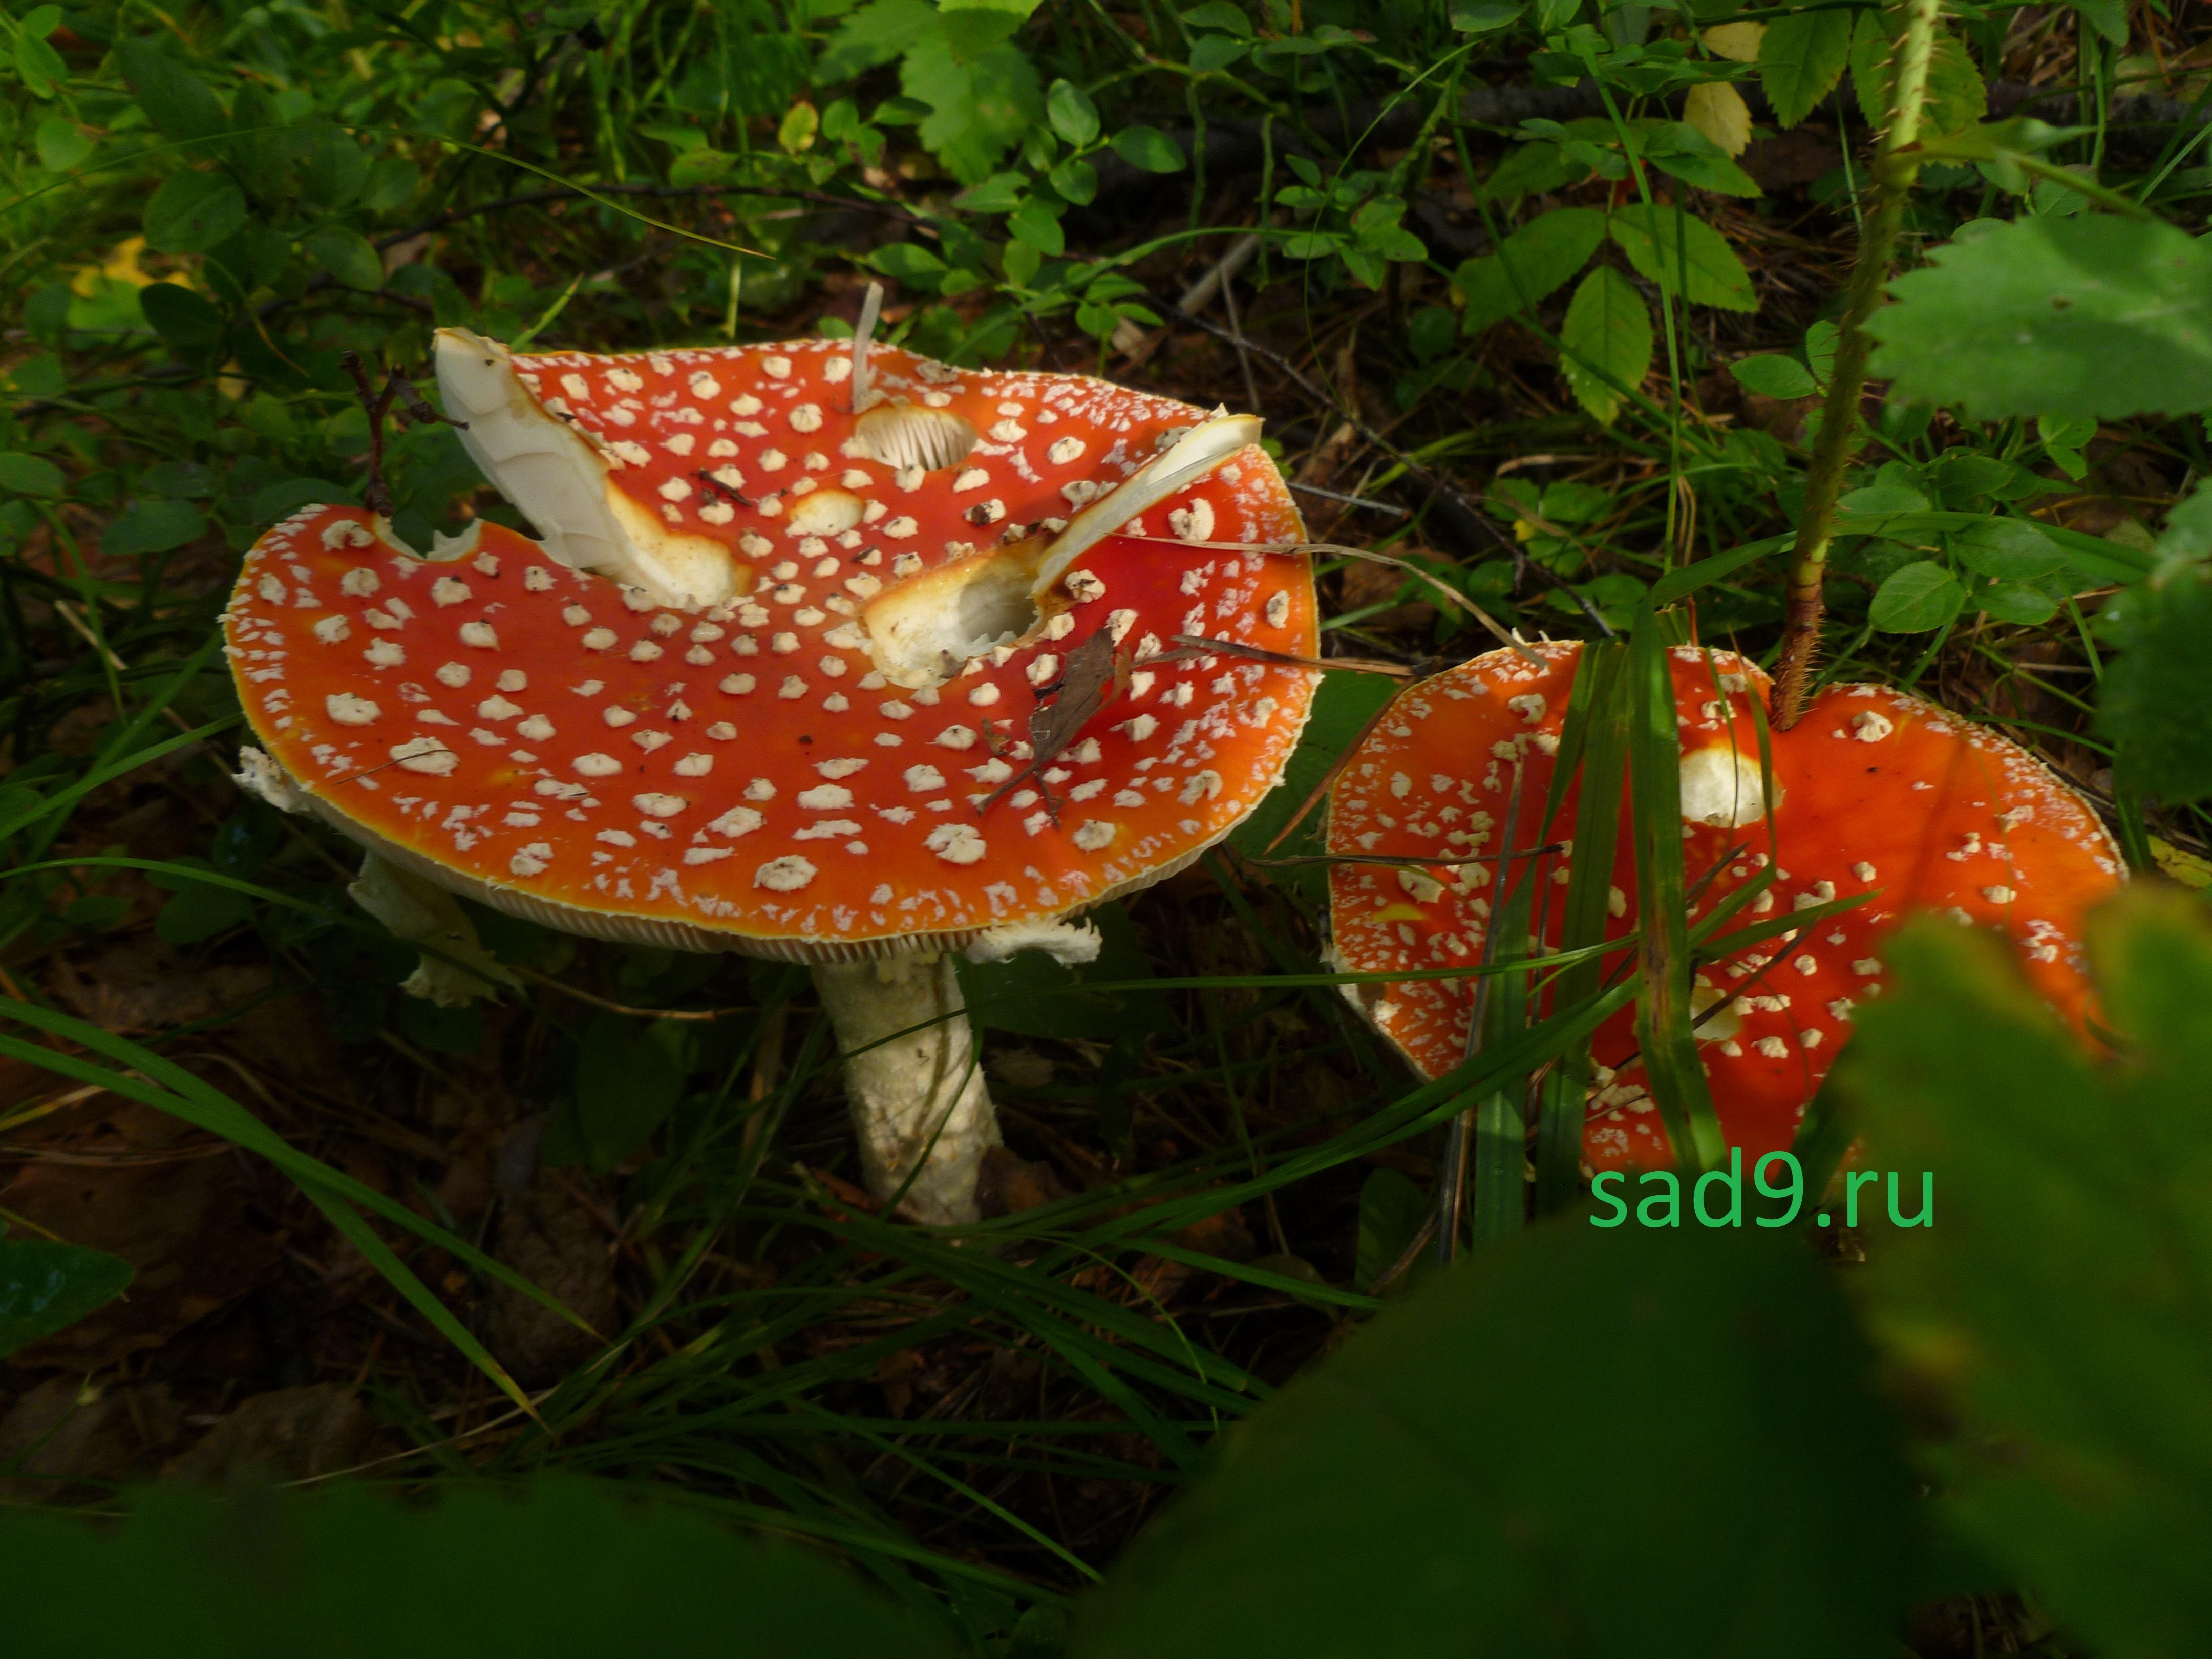 Несъедобные грибы картинки - мухомор